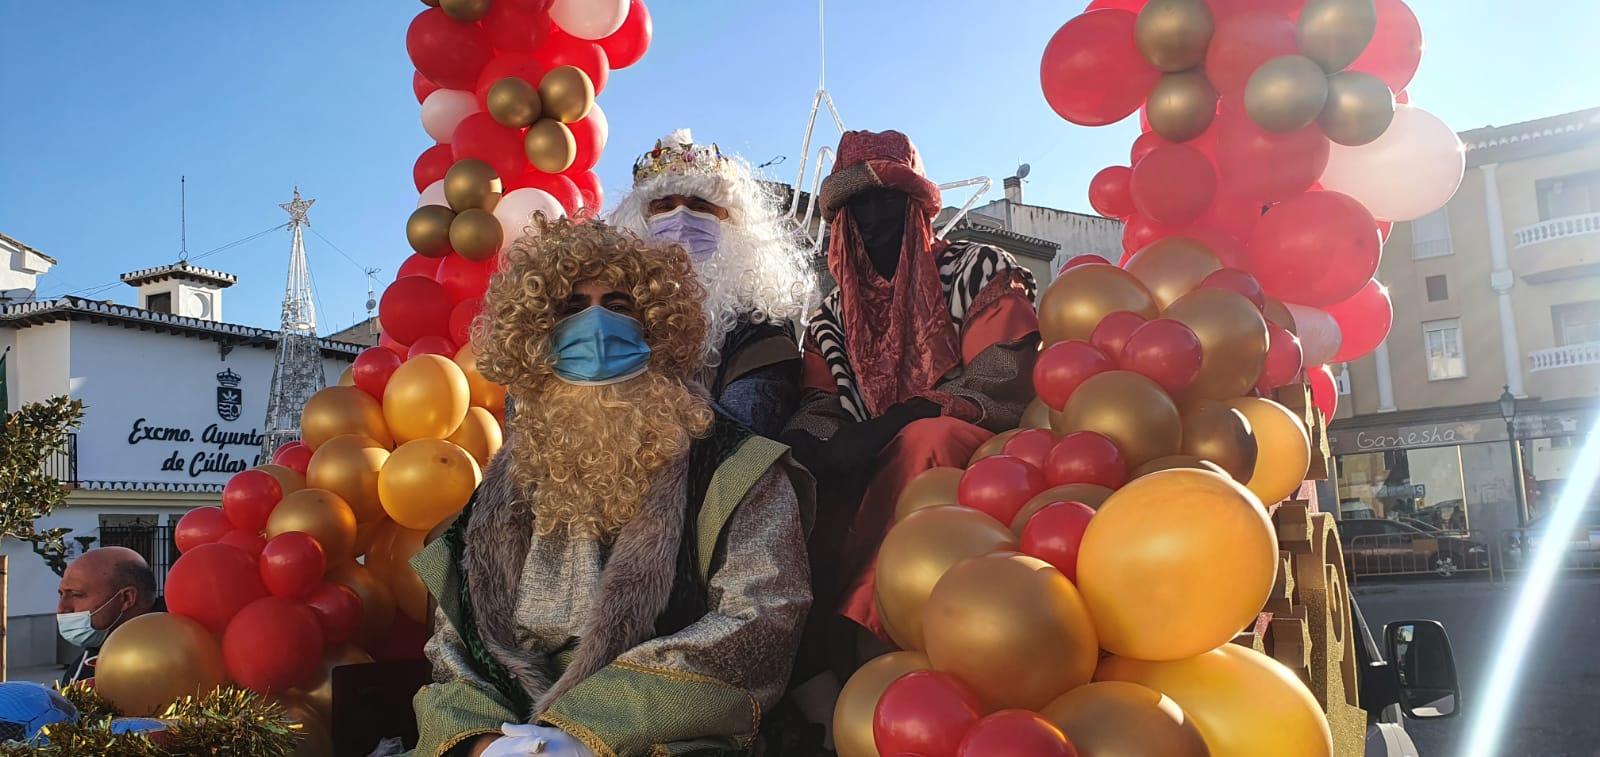 Los Reyes Magos visitarán en Cúllar Vega las casas de más de 600 niños